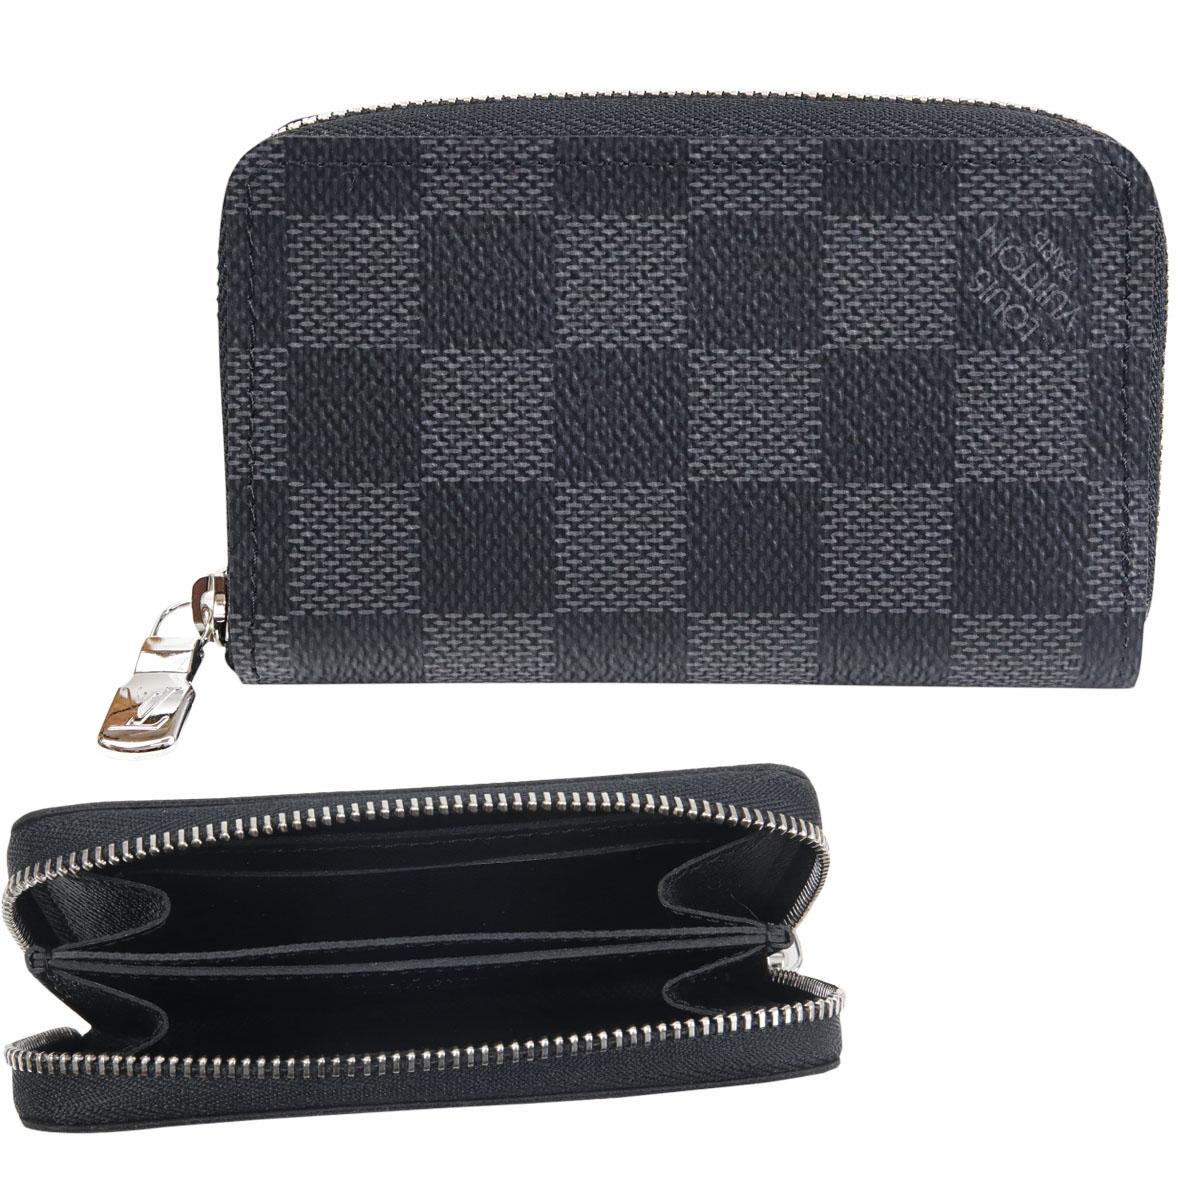 ルイヴィトン LOUIS VUITTON 財布 小銭入れ メンズ レディース ジッピー・コイン パース ダミエ・グラフィット N63076